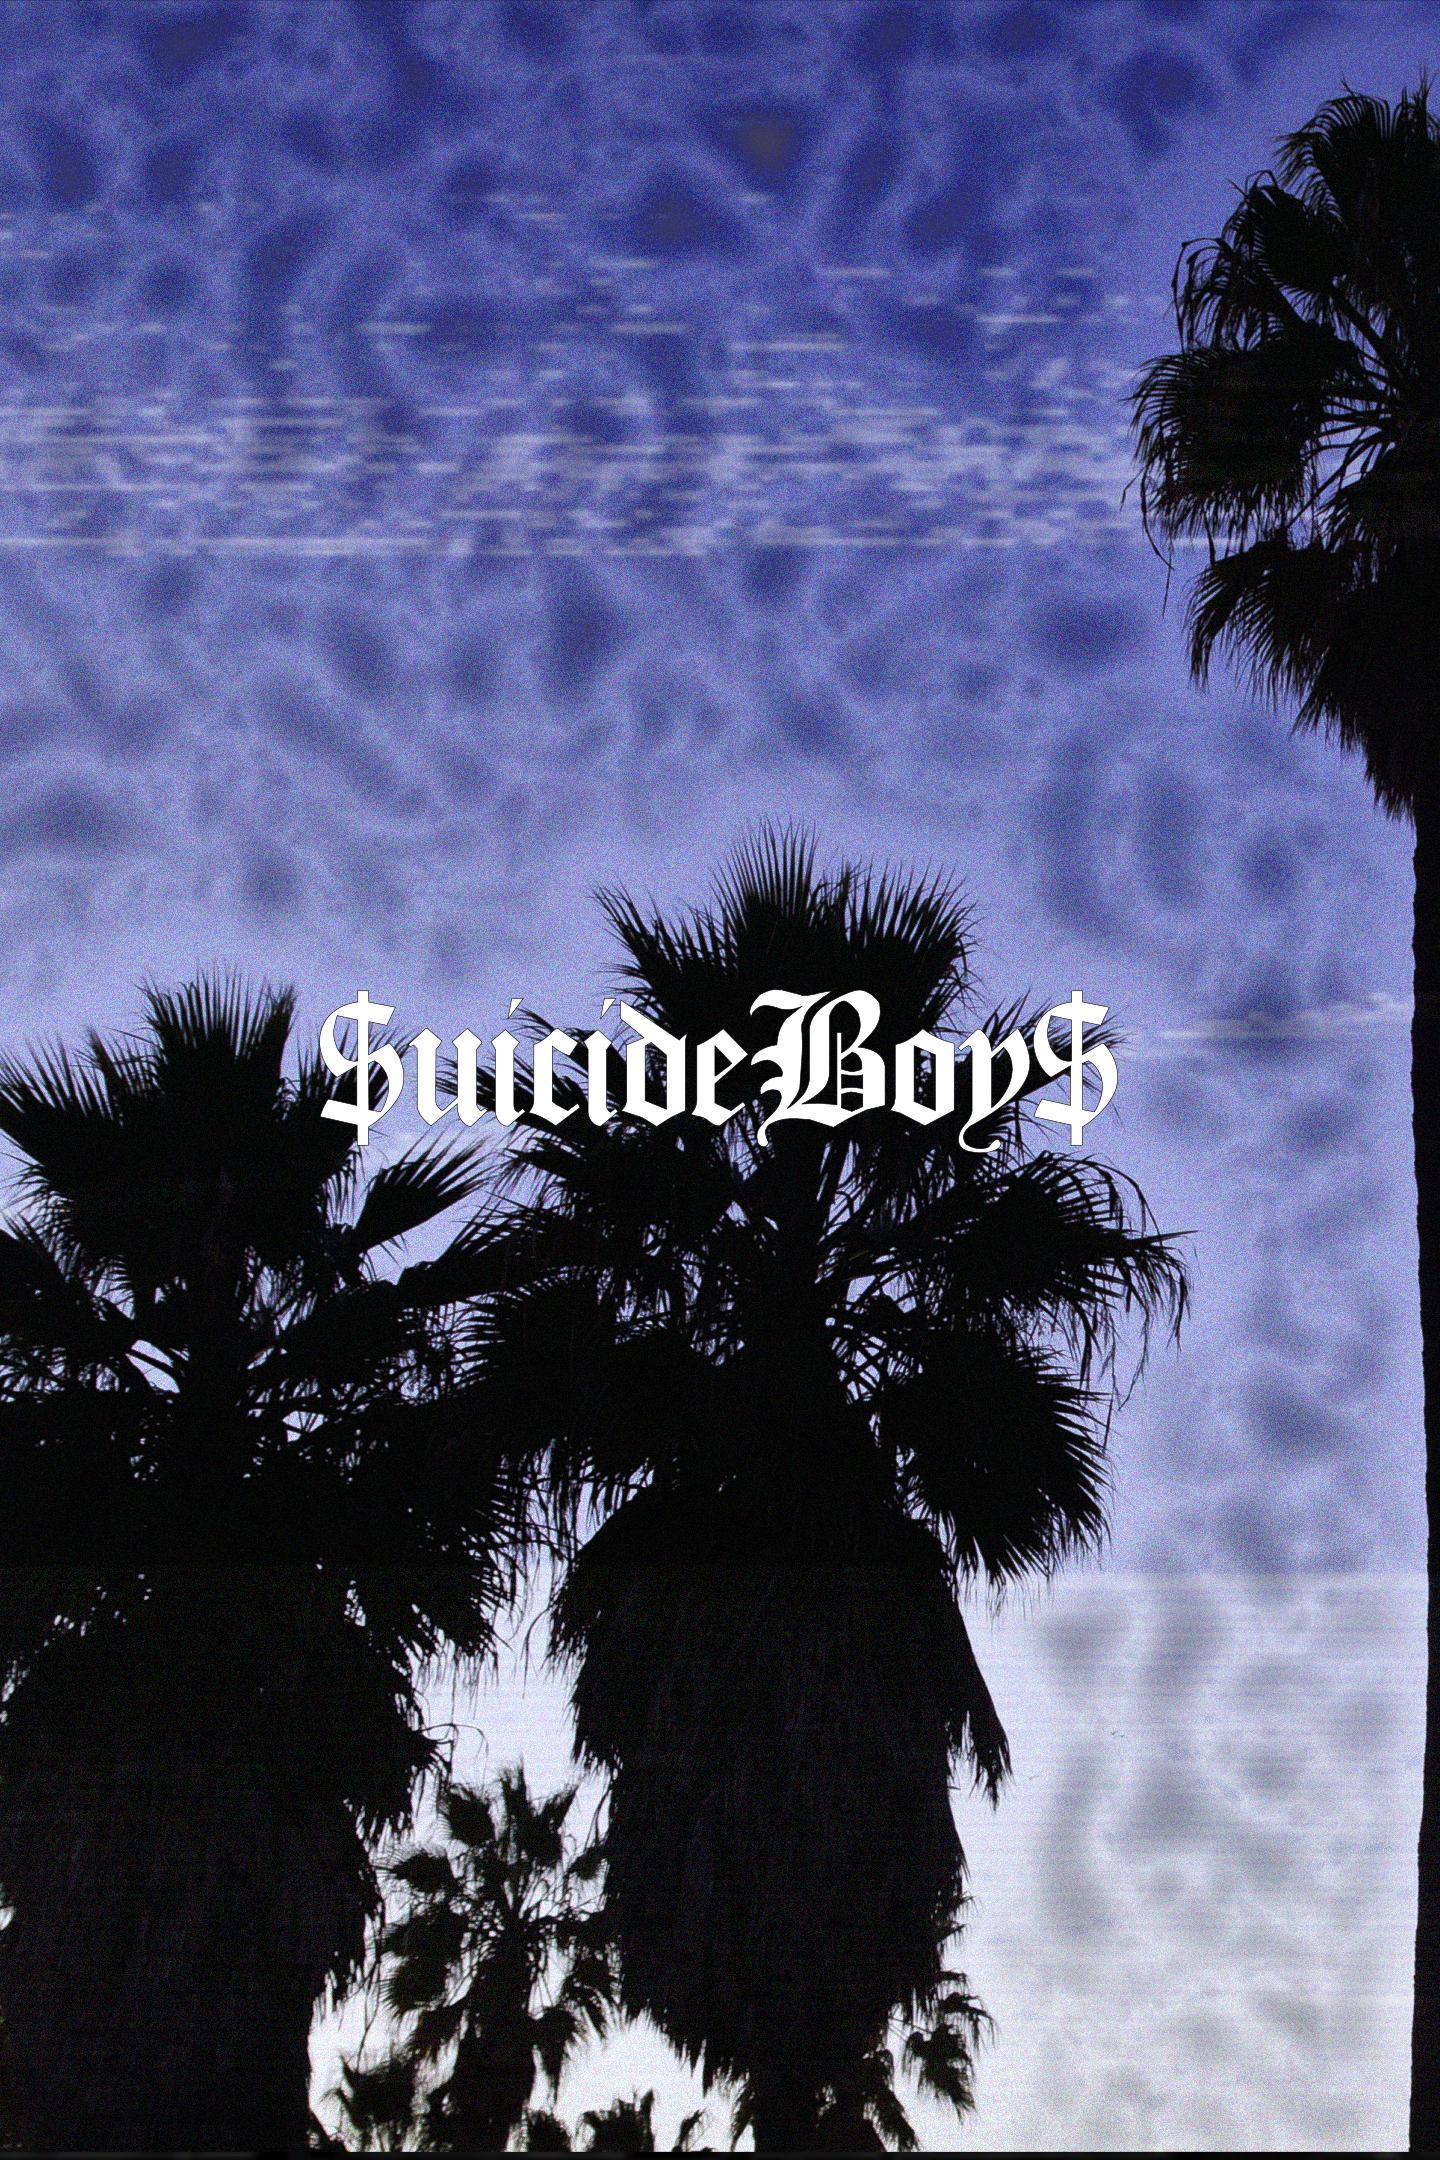 $uicideboy$ Wallpapers - Top Free $uicideboy$ Backgrounds ...